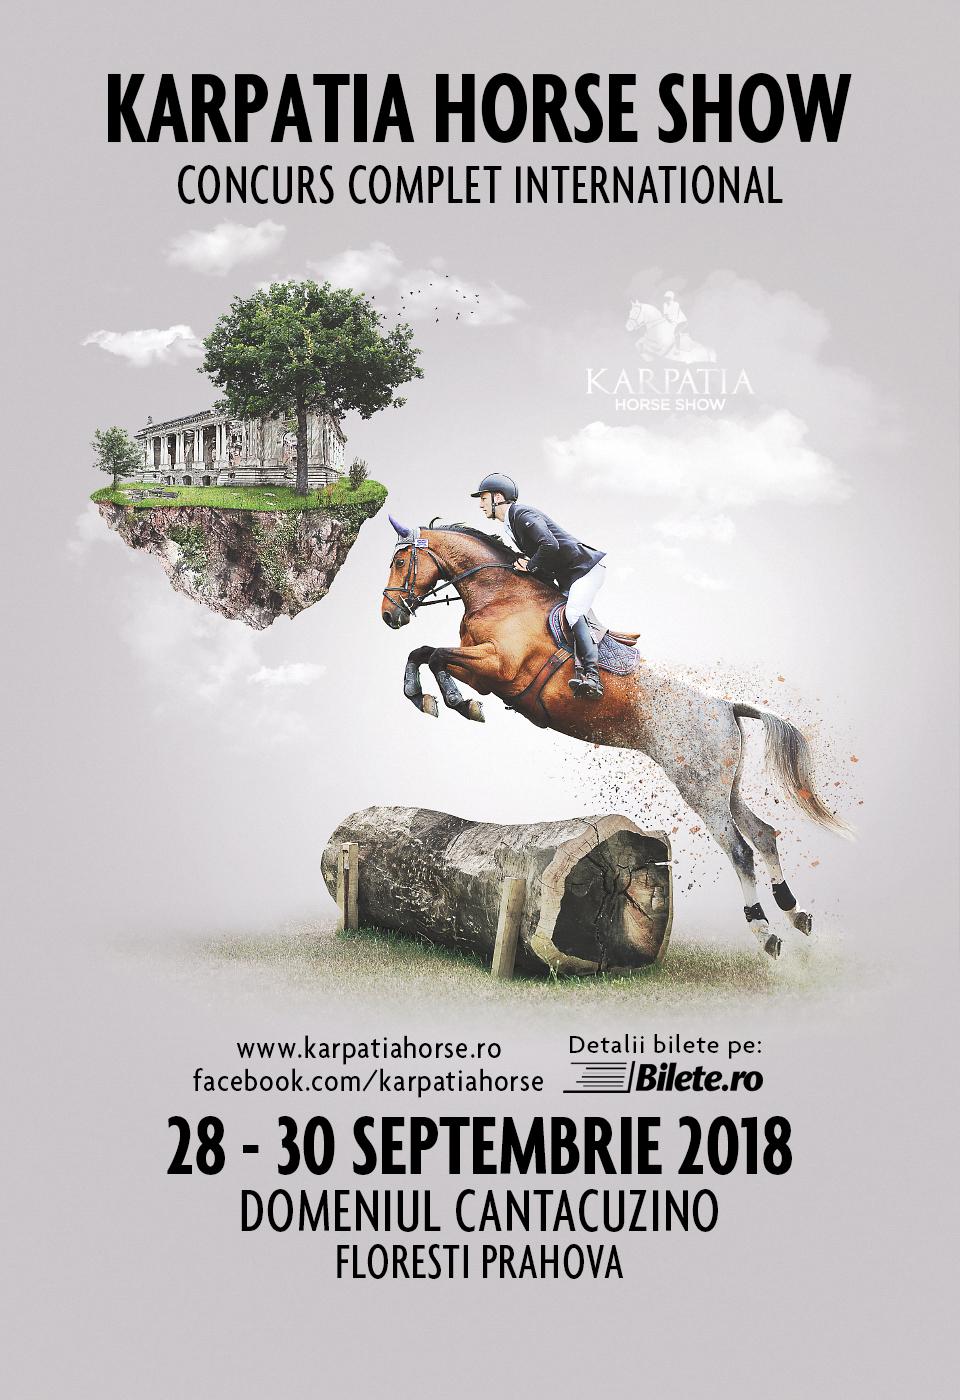 Karpatia Horse Show, Florești, jud. Prahova